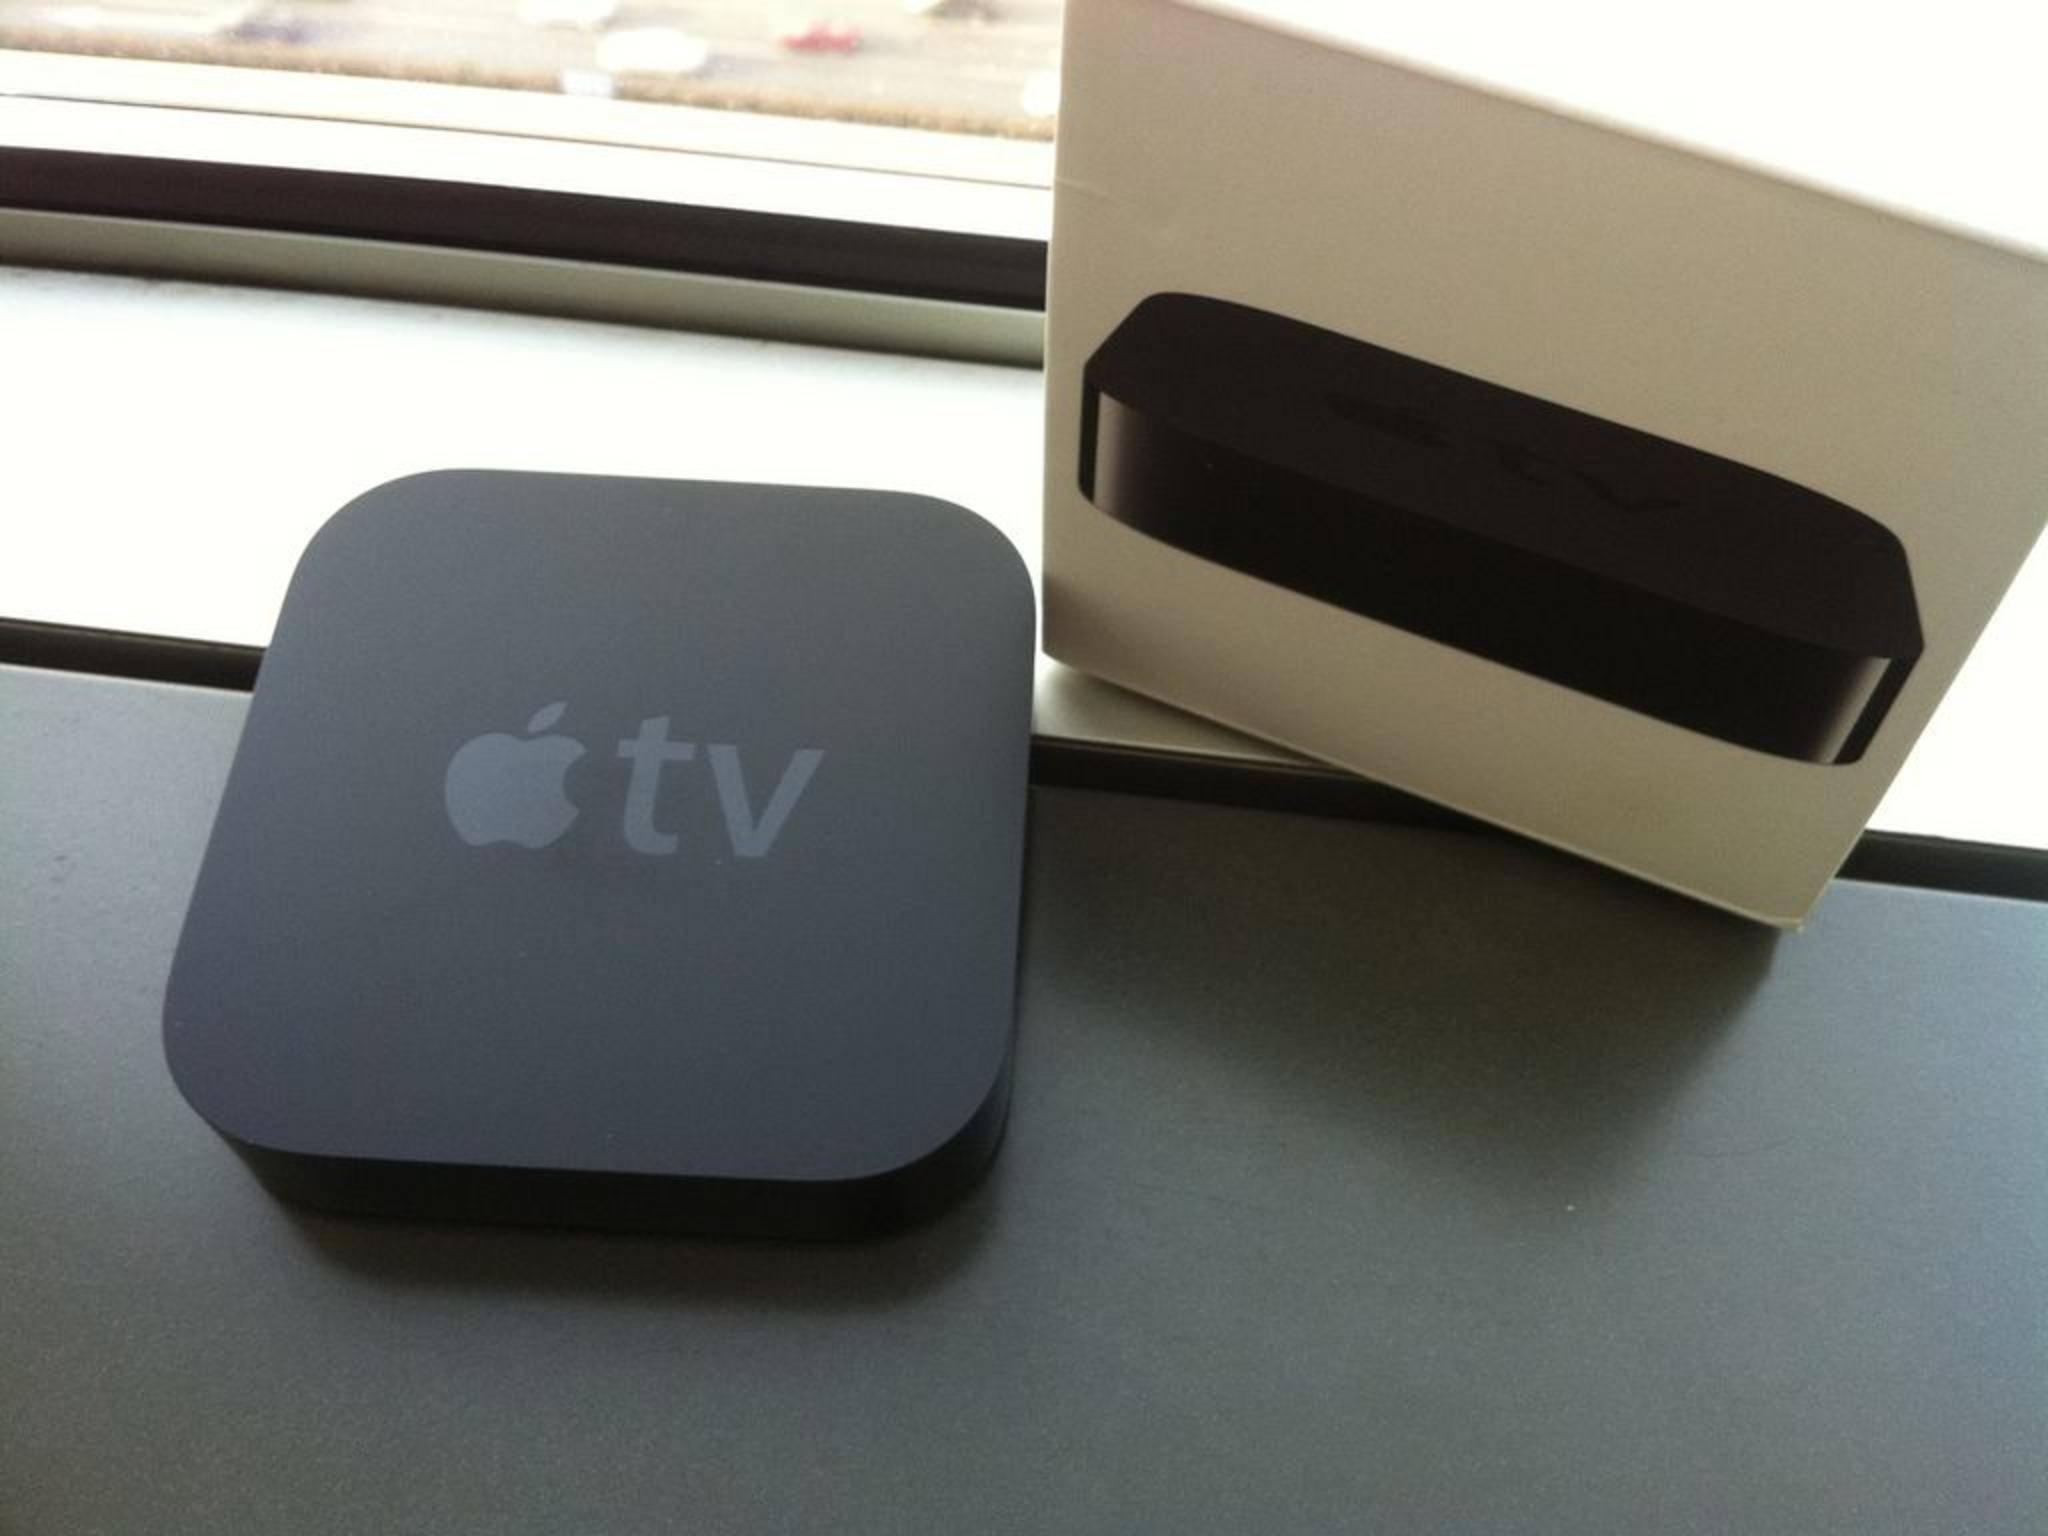 Keine neue TV-Box auf der WWDC: Bei Apple hat das Fernsehen wieder erstmal Sendepause.